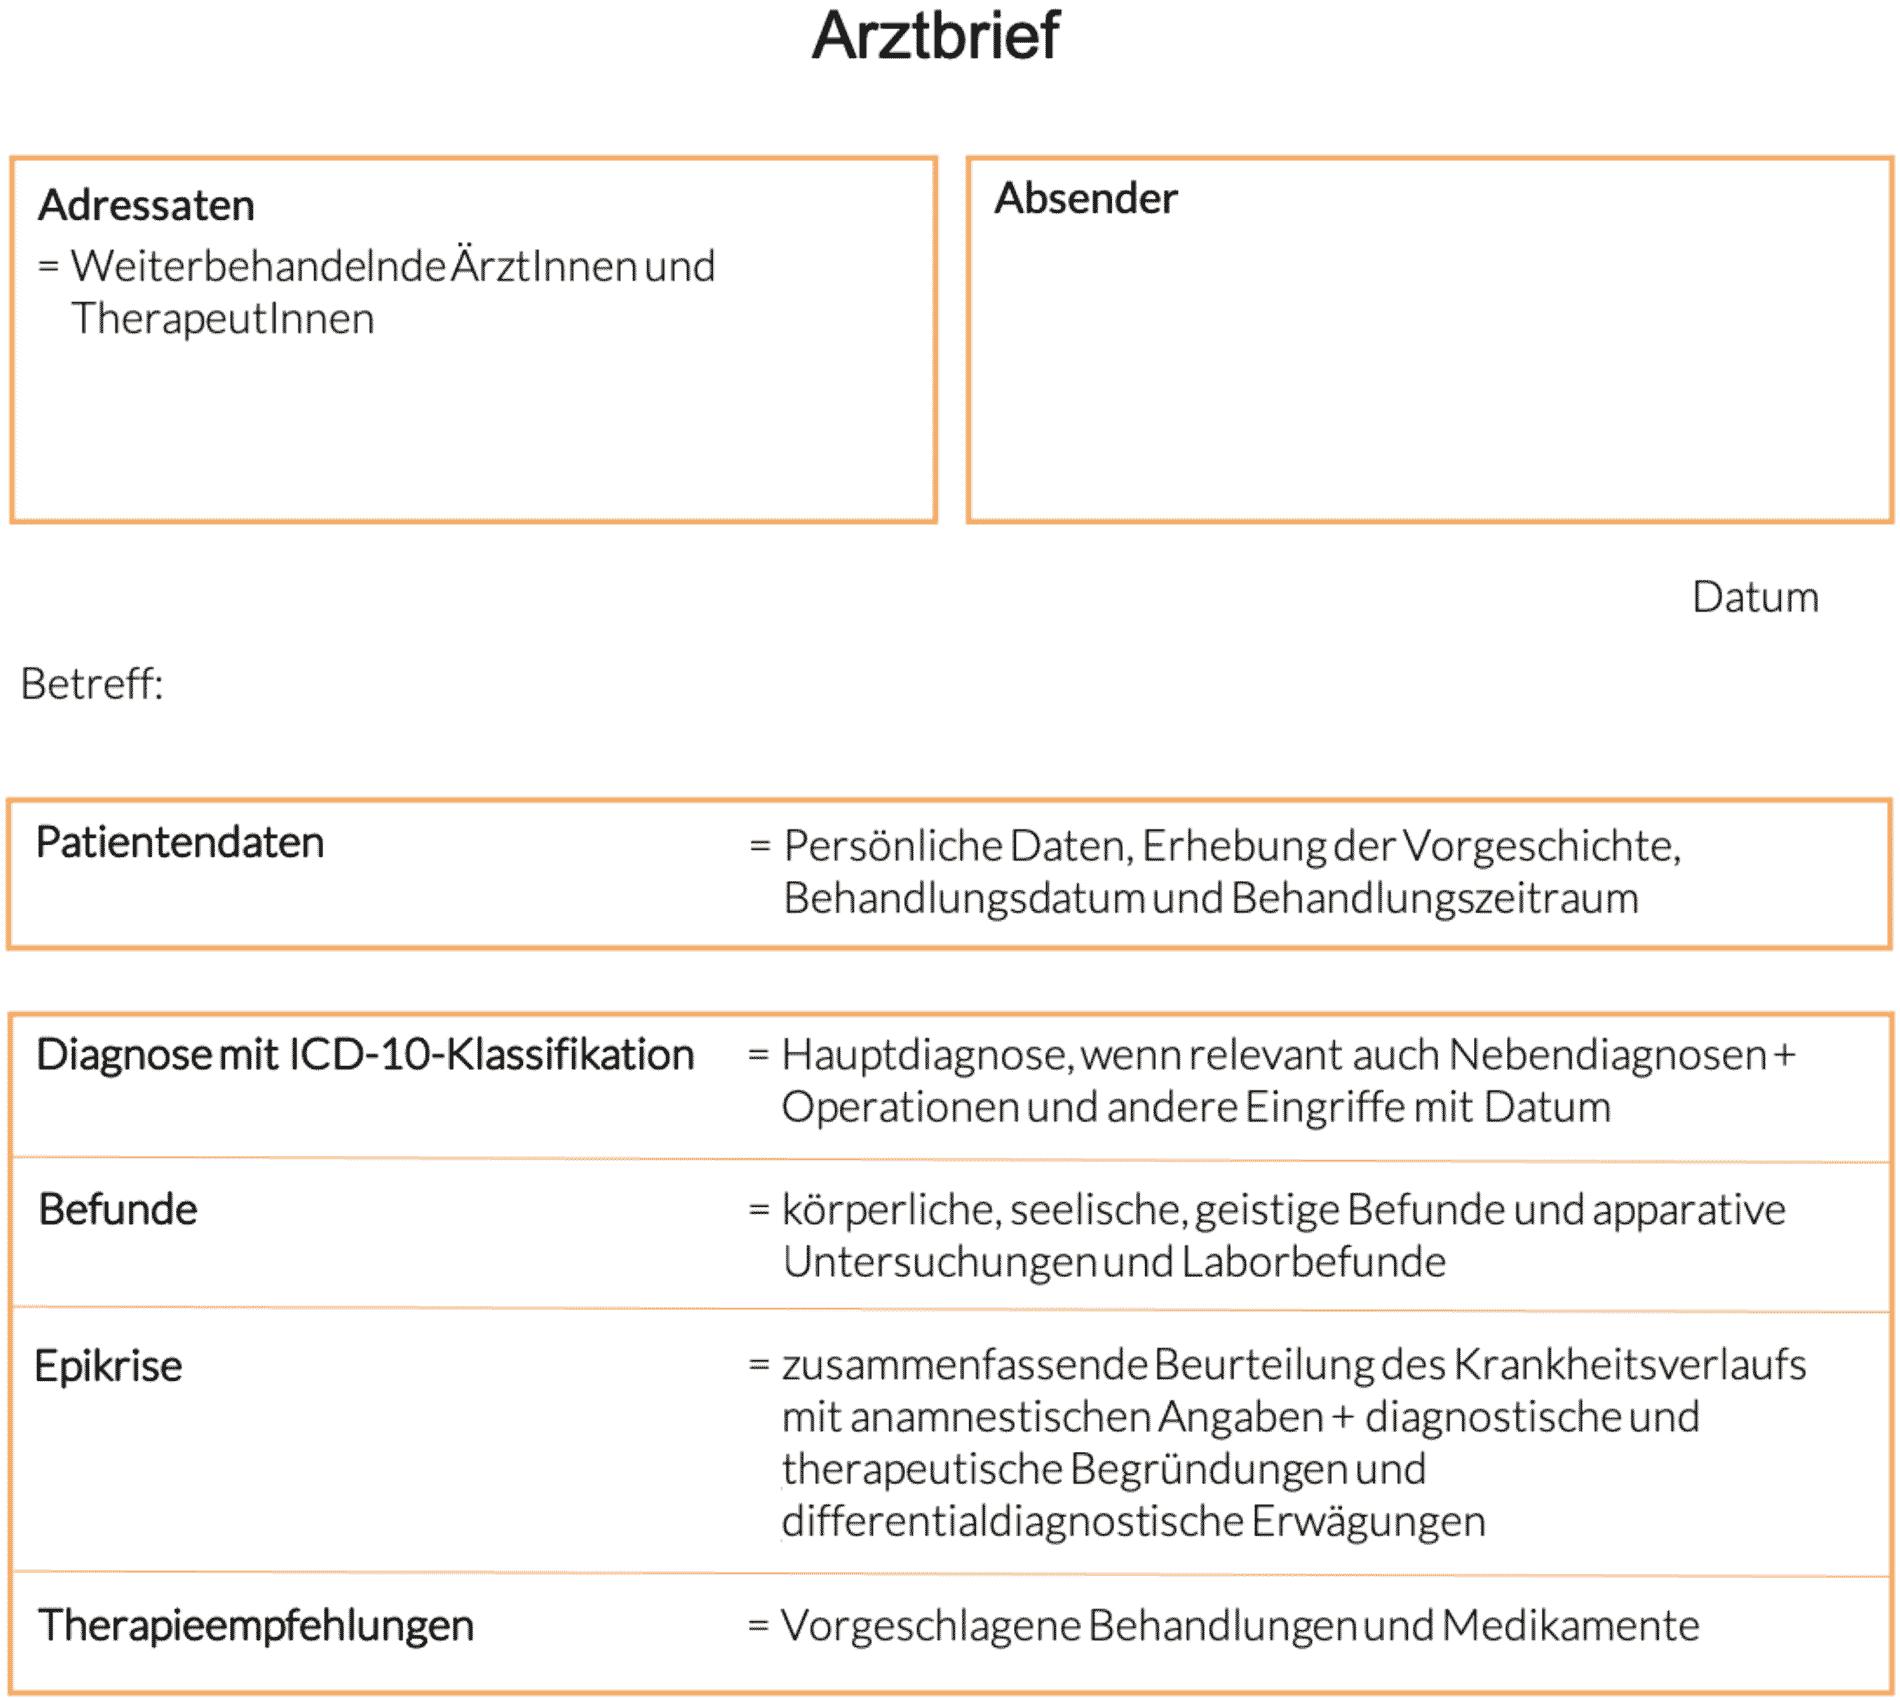 Struktur eines Arztbriefs